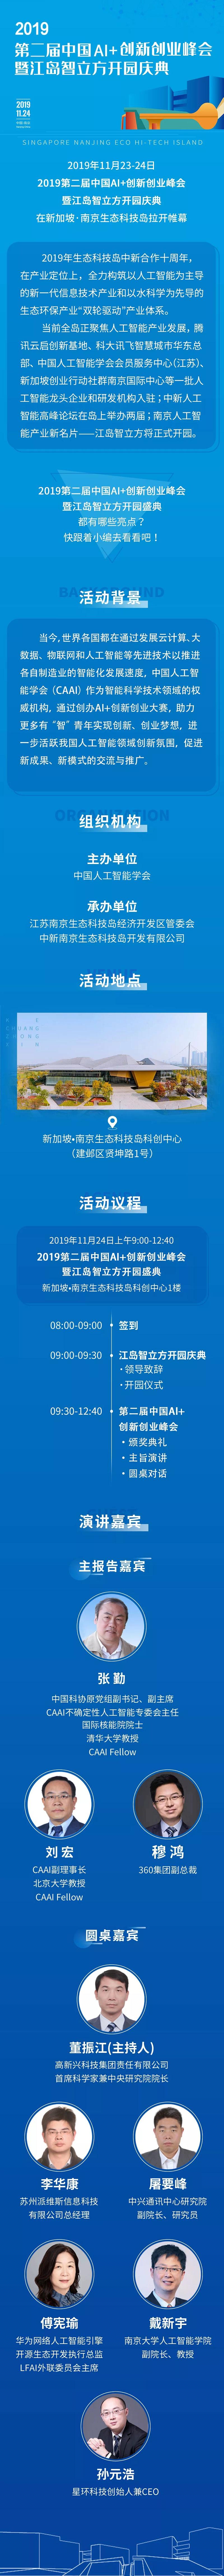 倒計時3天!2019第二屆中國AI+創新創業峰會亮點全揭秘